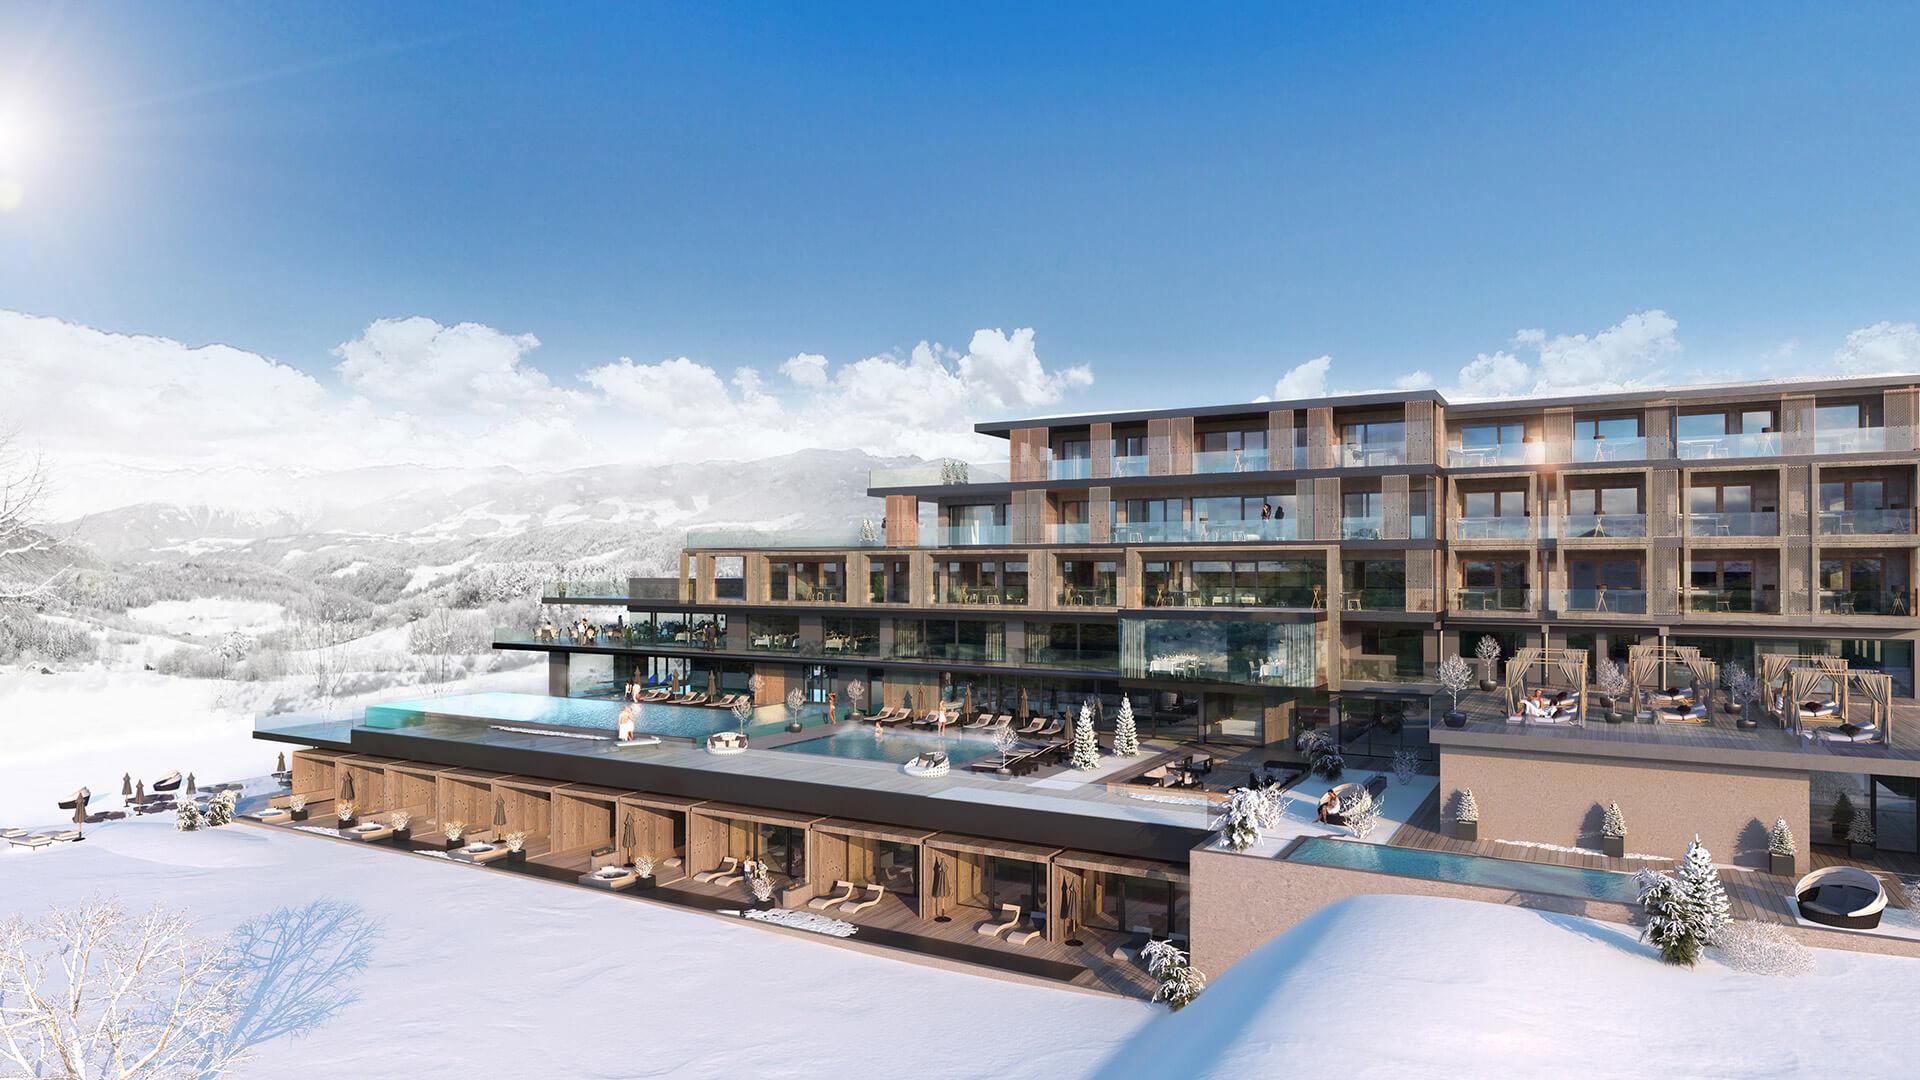 Design Hotel Il Berg Luxury Hotel Di Roma : L hotel winkler si trasforma in family resort lusso hotelmag